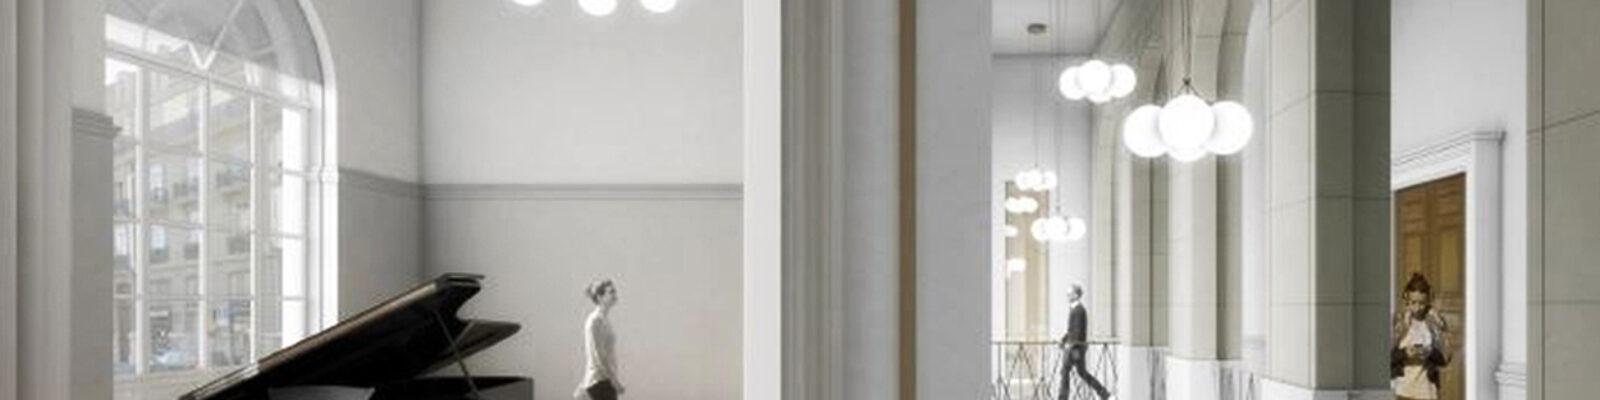 Conservatoire de Musique detail - project lighting